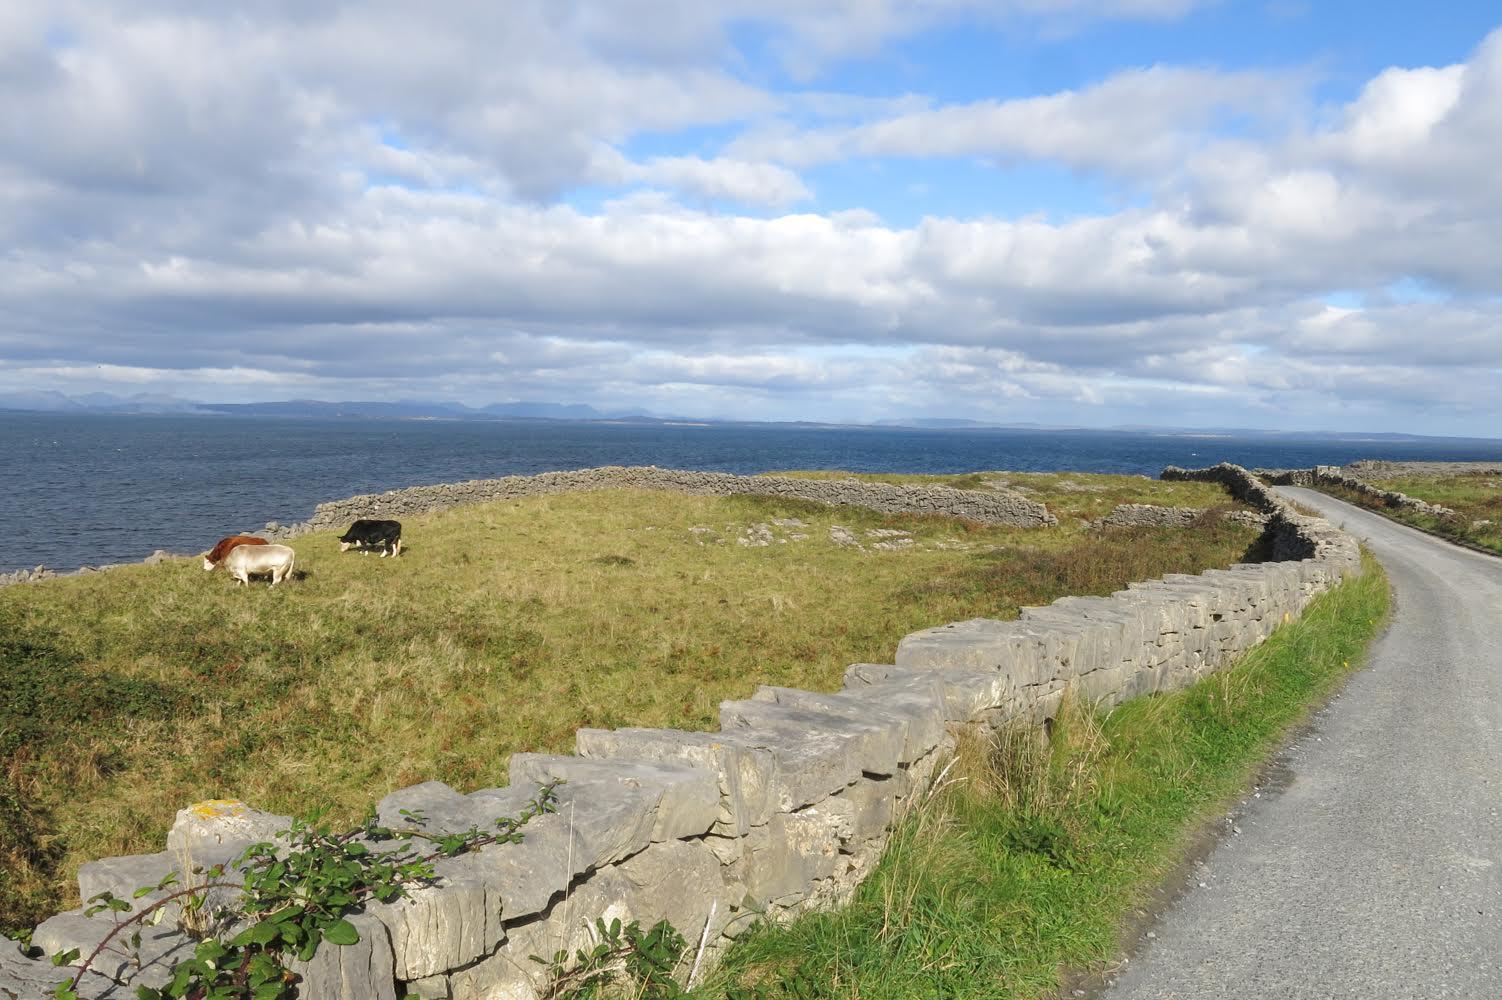 Voyage dans les îles d'Aran en Irlande